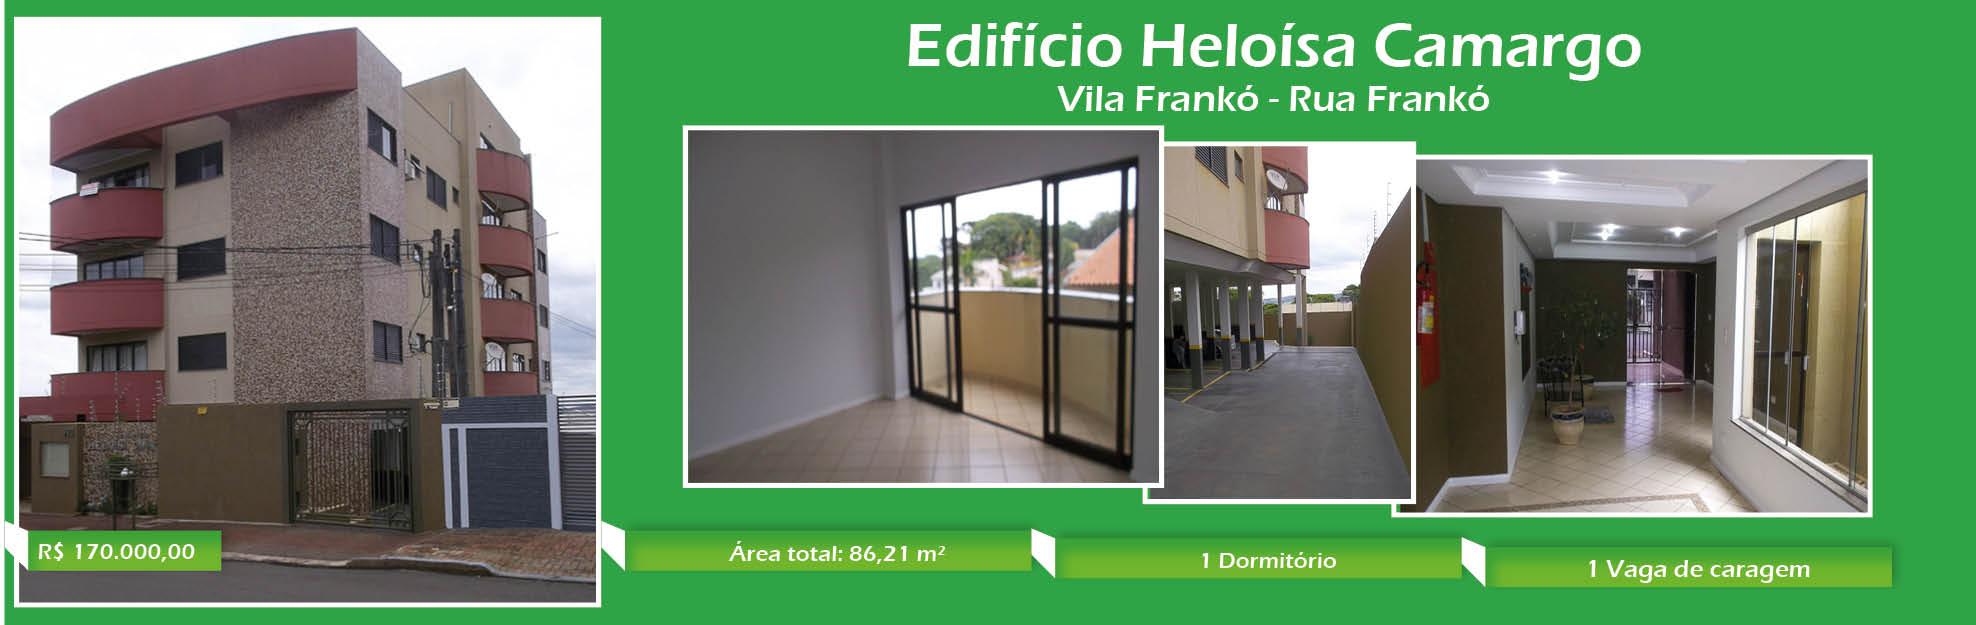 Edifício Heloíza camargo